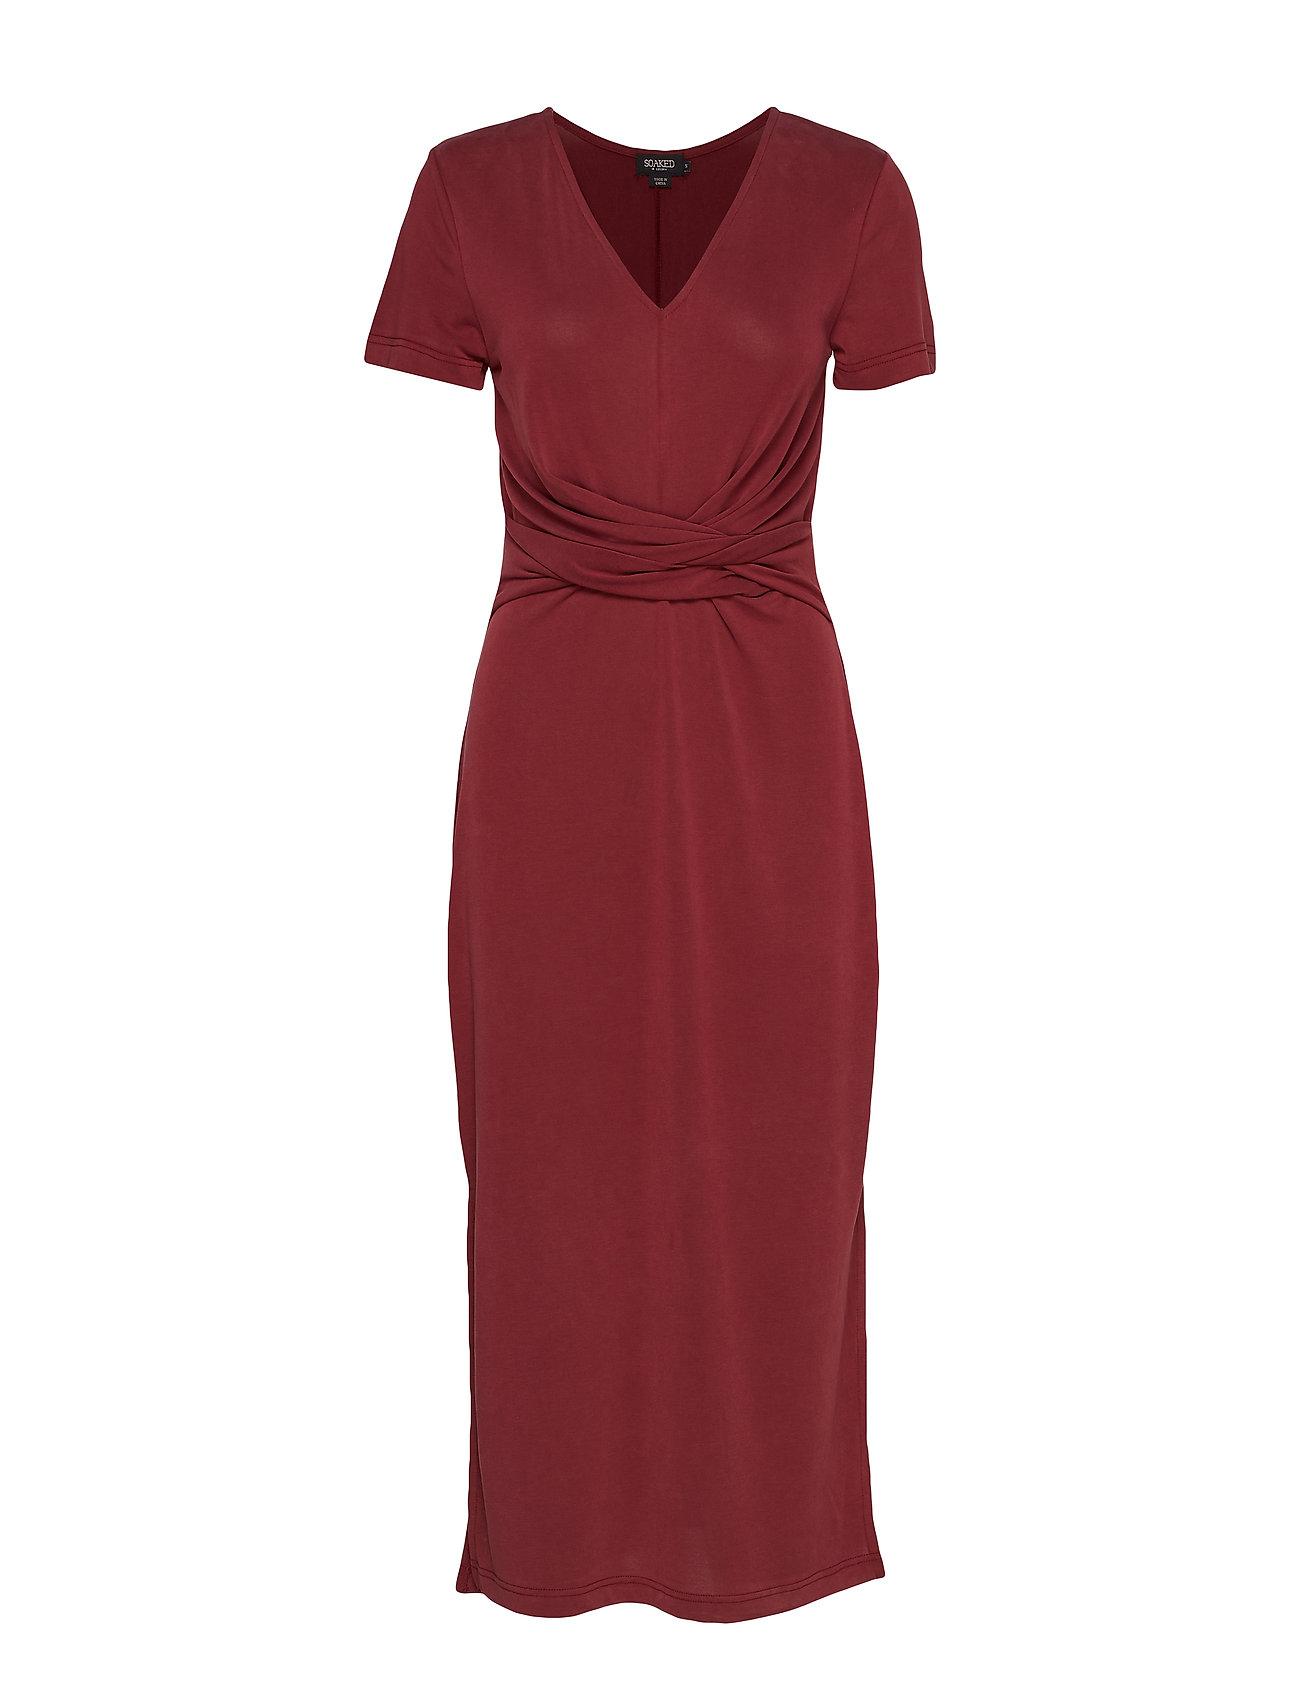 Soaked in Luxury SL Sepia Dress SS - ZINFANDEL